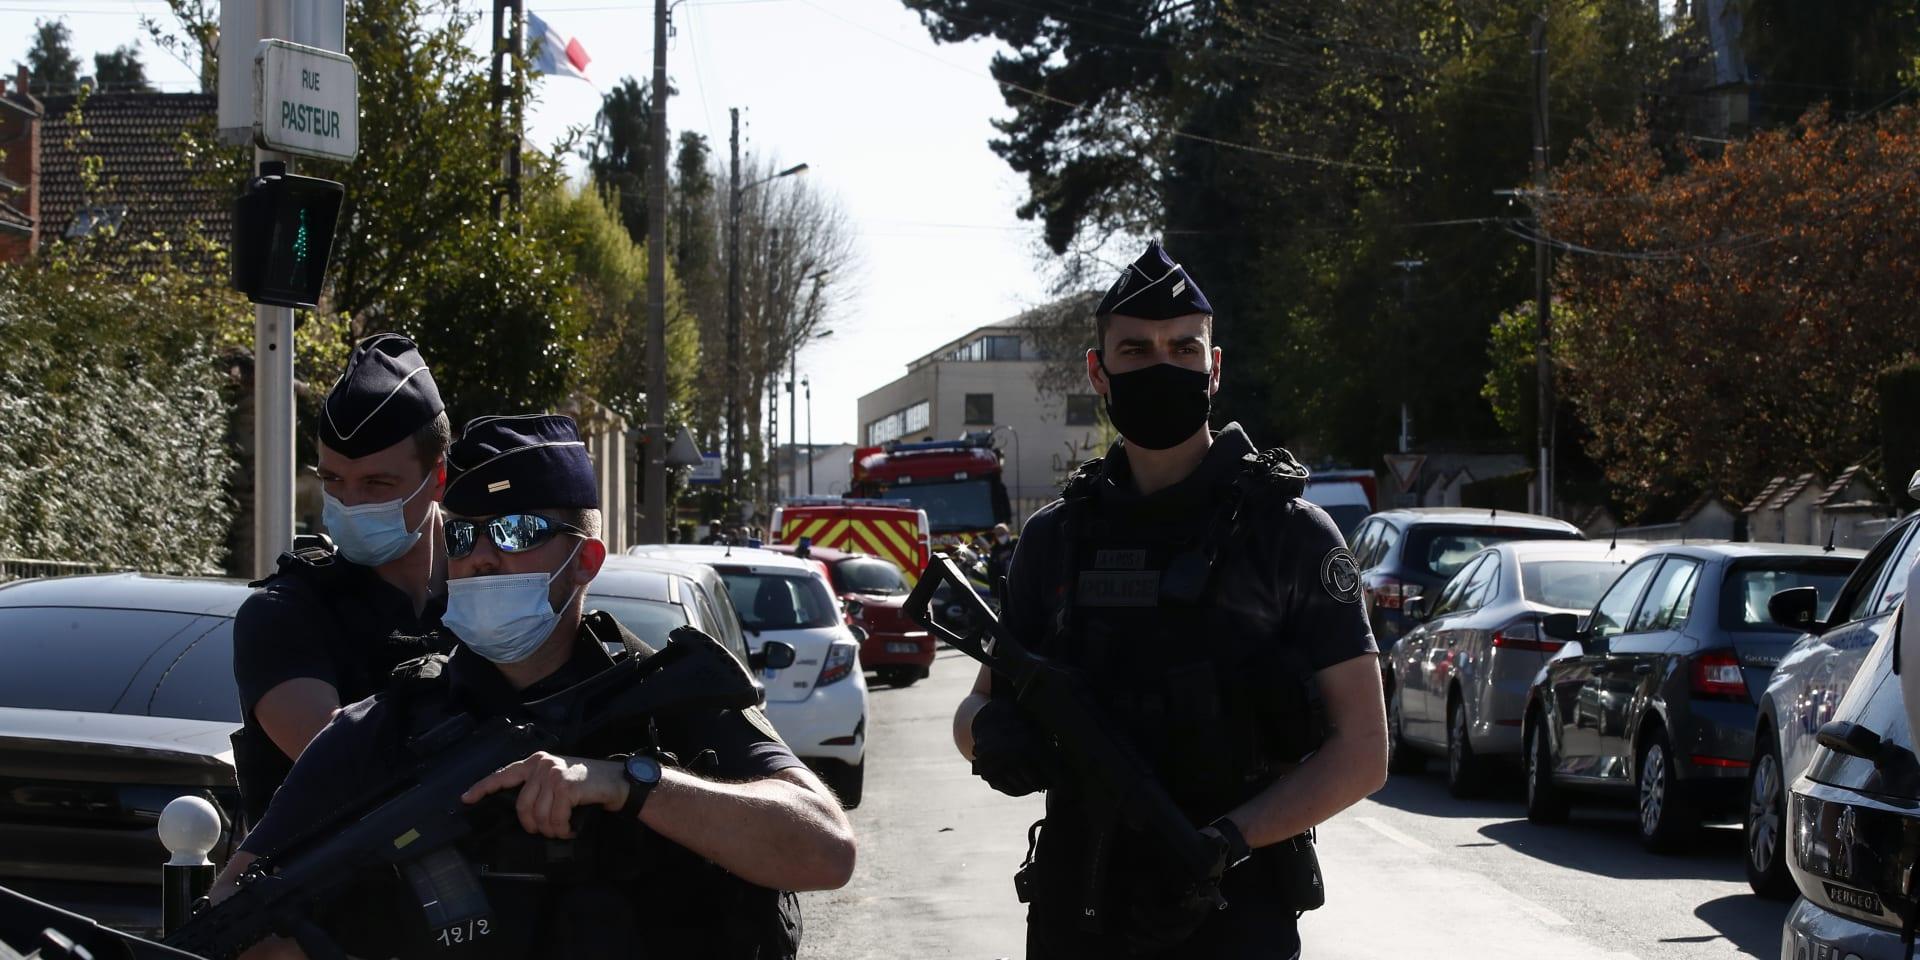 Zoufalí policisté ve Francii: Chraňte nás před radikály, žádají vládu po dalším útoku